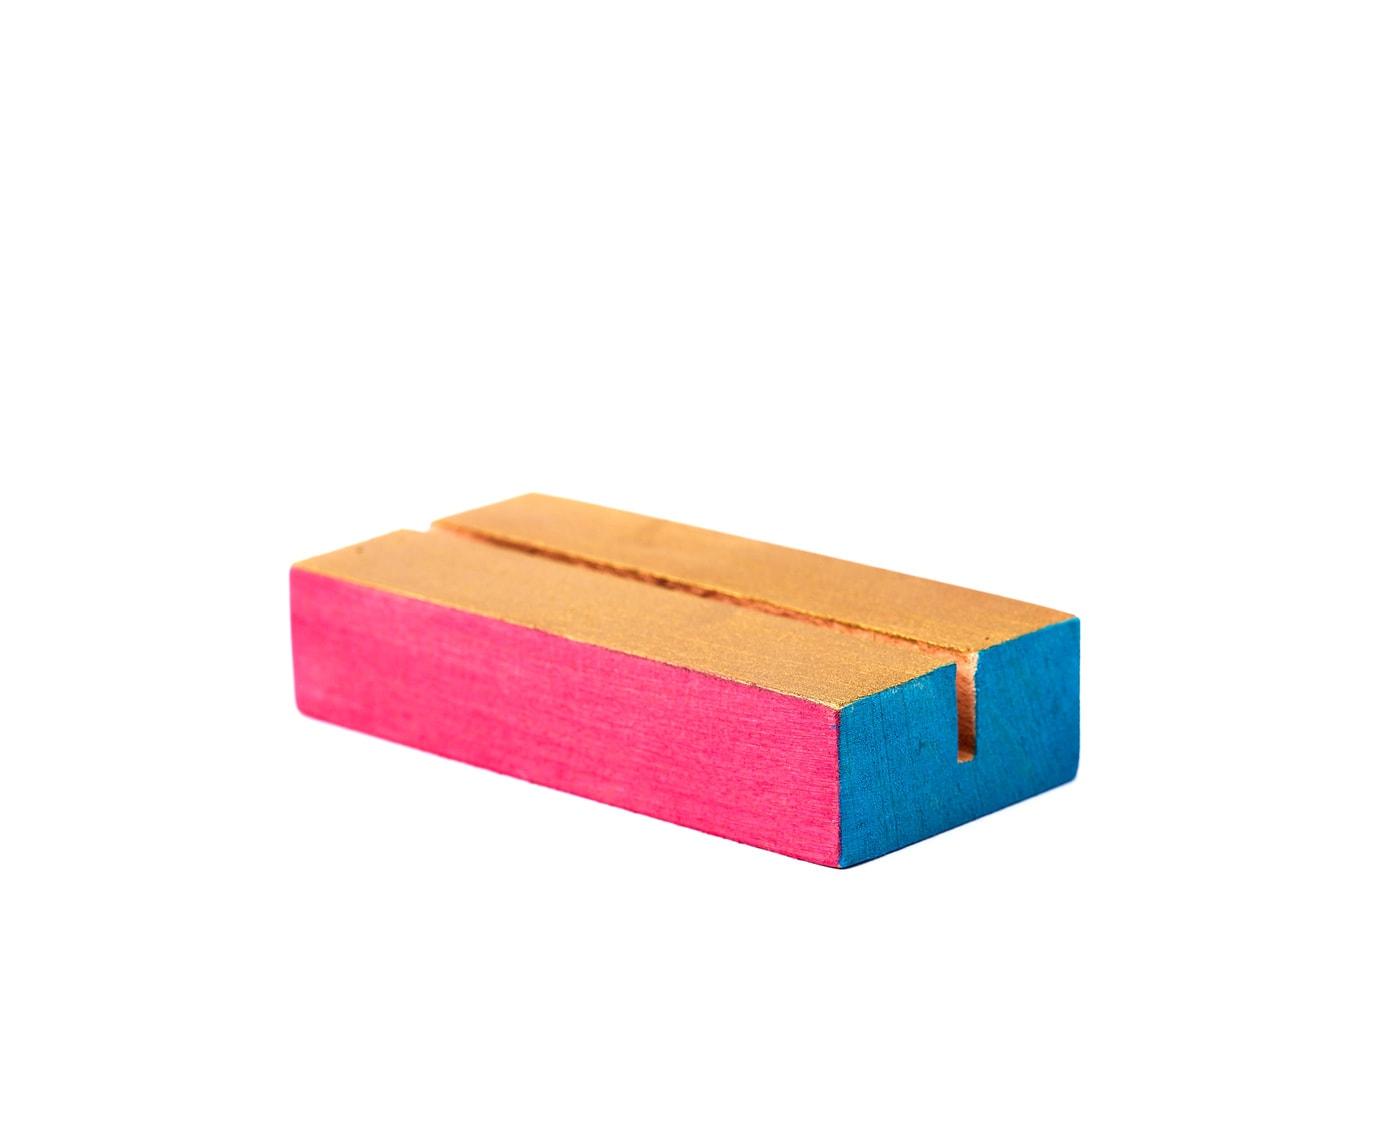 Drewniane podstawki na numery stołow i karty menu, różowo złoto niebieskie